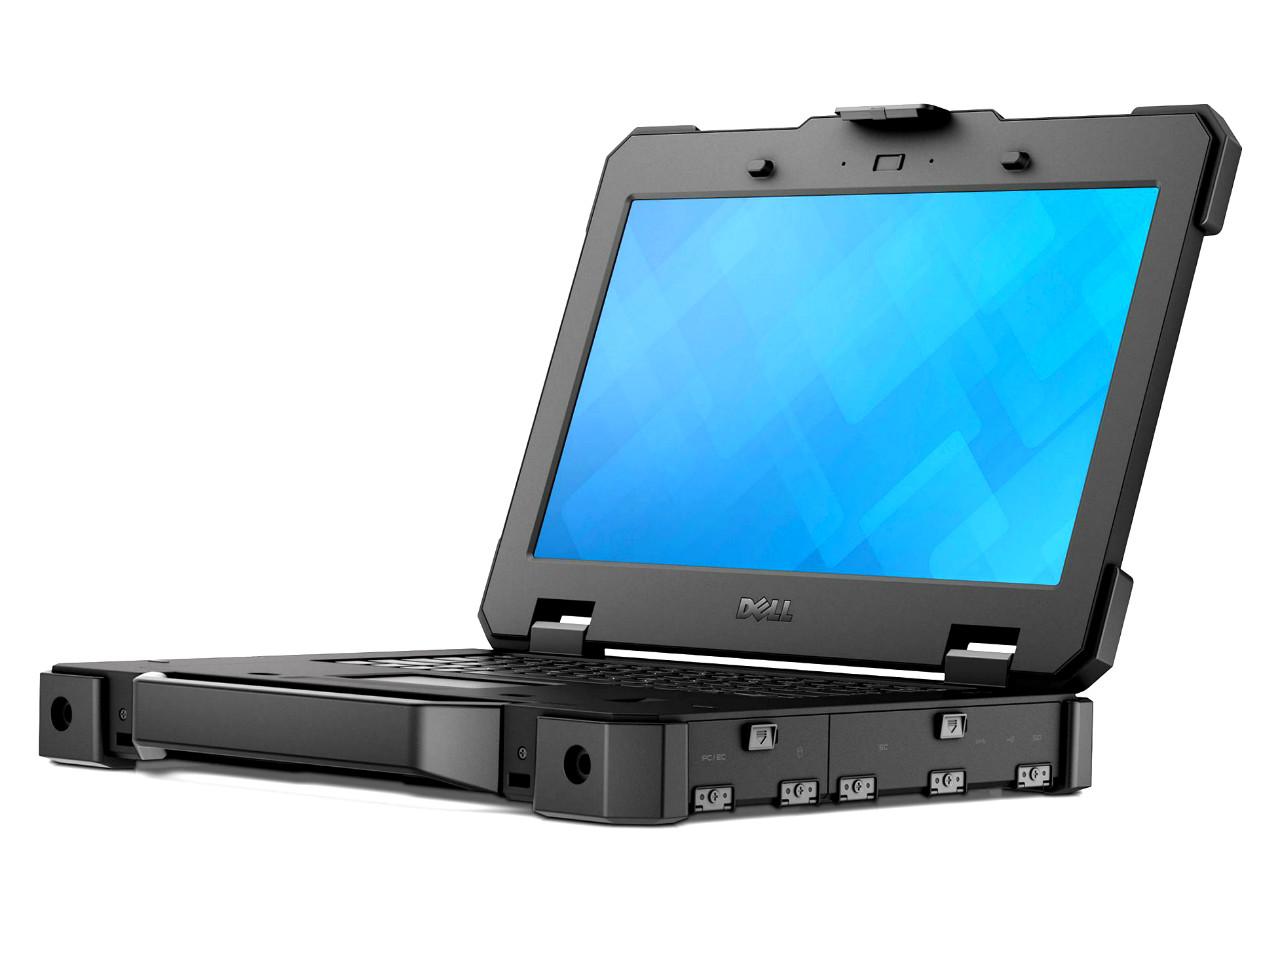 لپ تاپ هاي صنعتي در يك نگاه | Dell Latitude 14 Rugged Extreme